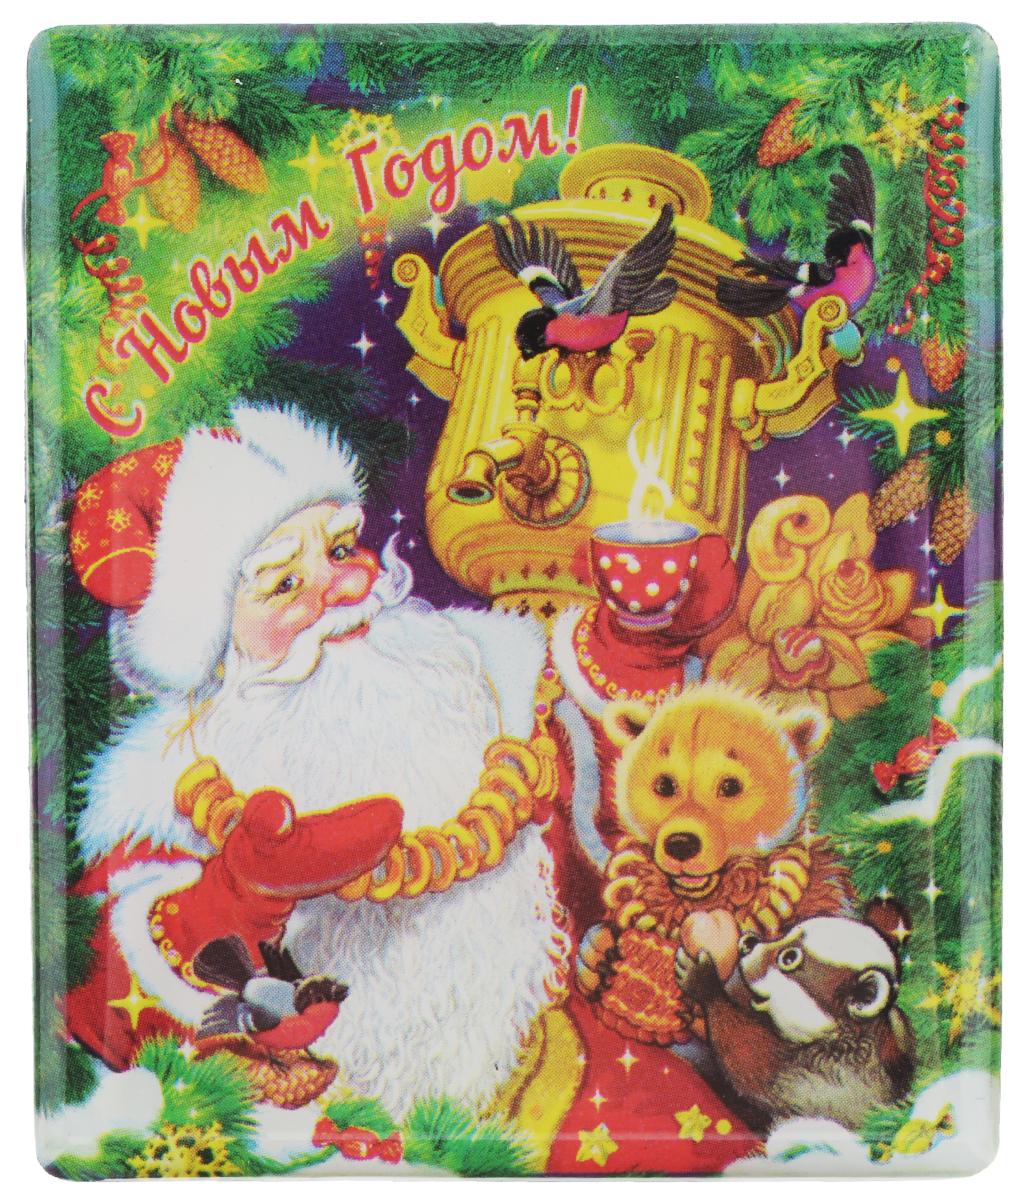 Магнит Феникс-презент Дед Мороз с самоваром, 6 x 5 смUP210DFМагнит прямоугольной формы Феникс-презент Дед Мороз с самоваром, выполненный из агломерированного феррита, станет приятным штрихом в повседневной жизни. Оригинальный магнит, декорированный изображением Деда Мороза и забавных зверят, поможет вам украсить не только холодильник, но и любую другую магнитную поверхность. Материал: агломерированный феррит.